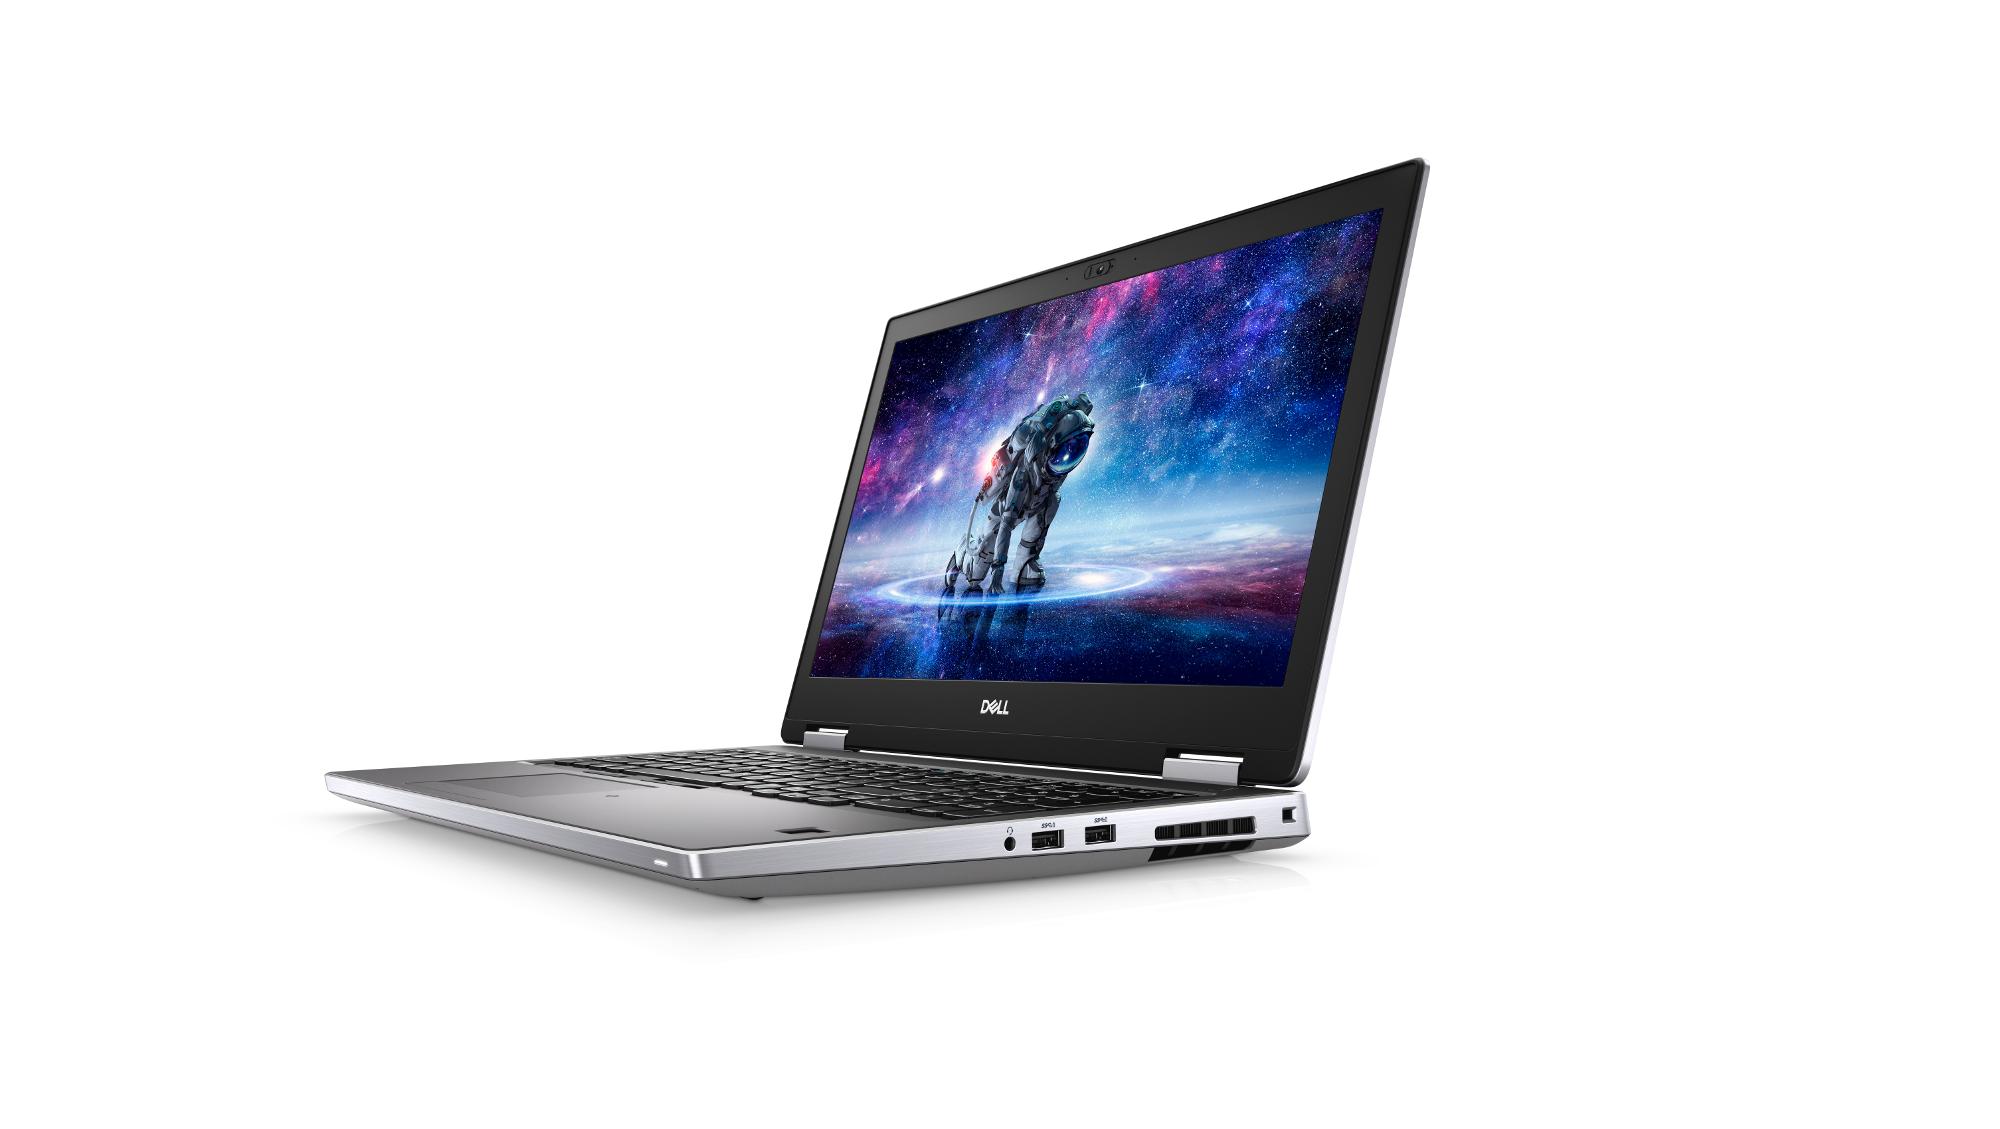 Dell Precision 7540 review hero